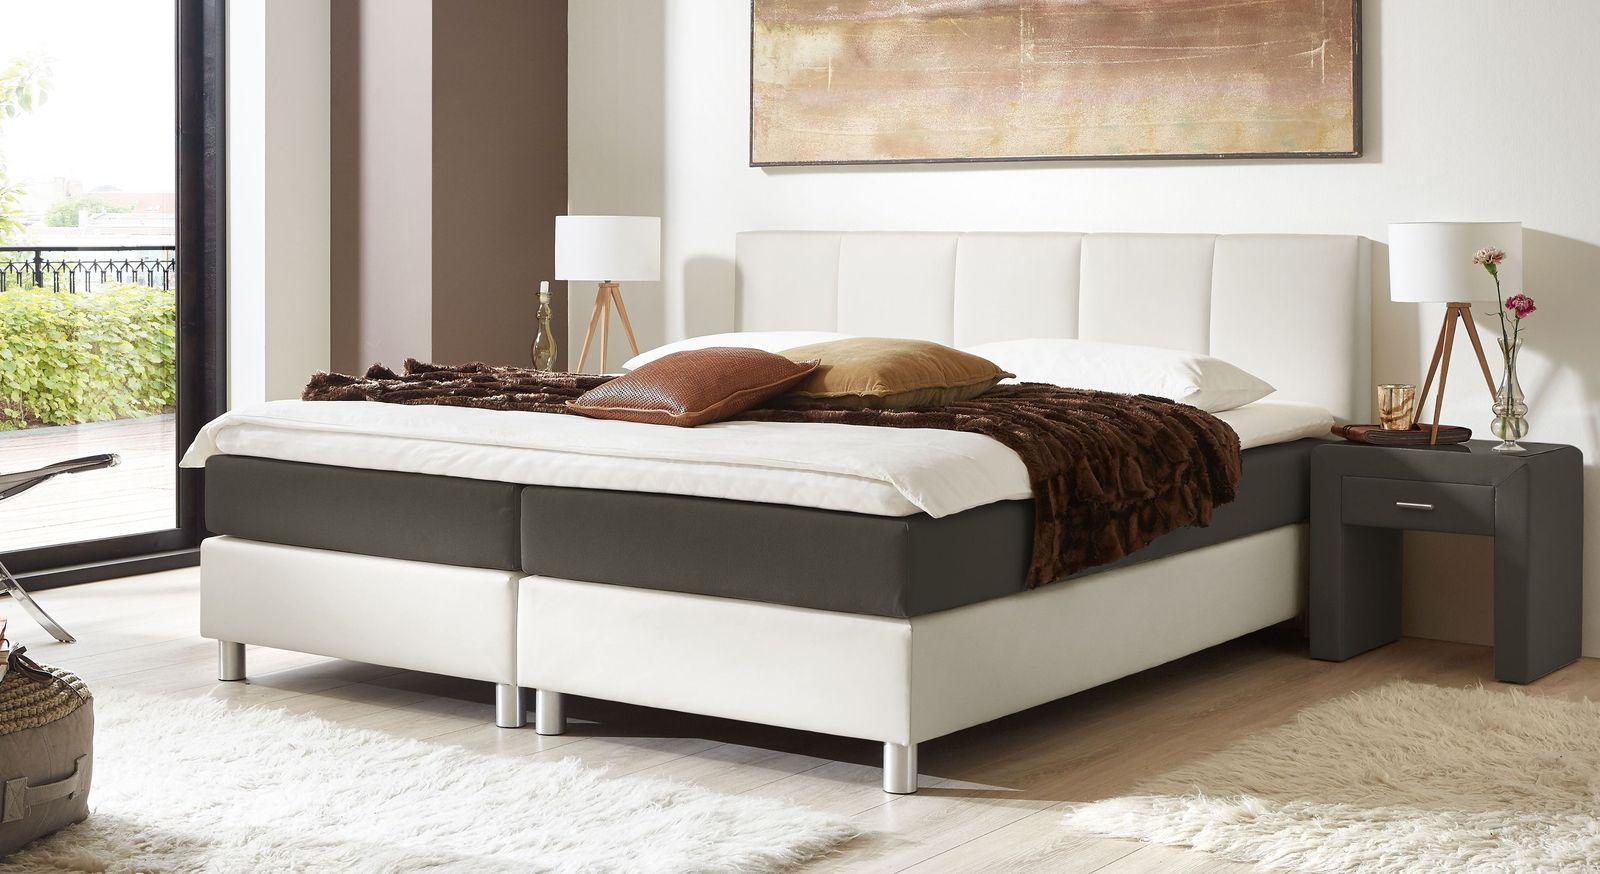 53 cm hohes Boxspringbett Greenwood aus weißem Kunstleder und anthrazitfarbenem Stoff